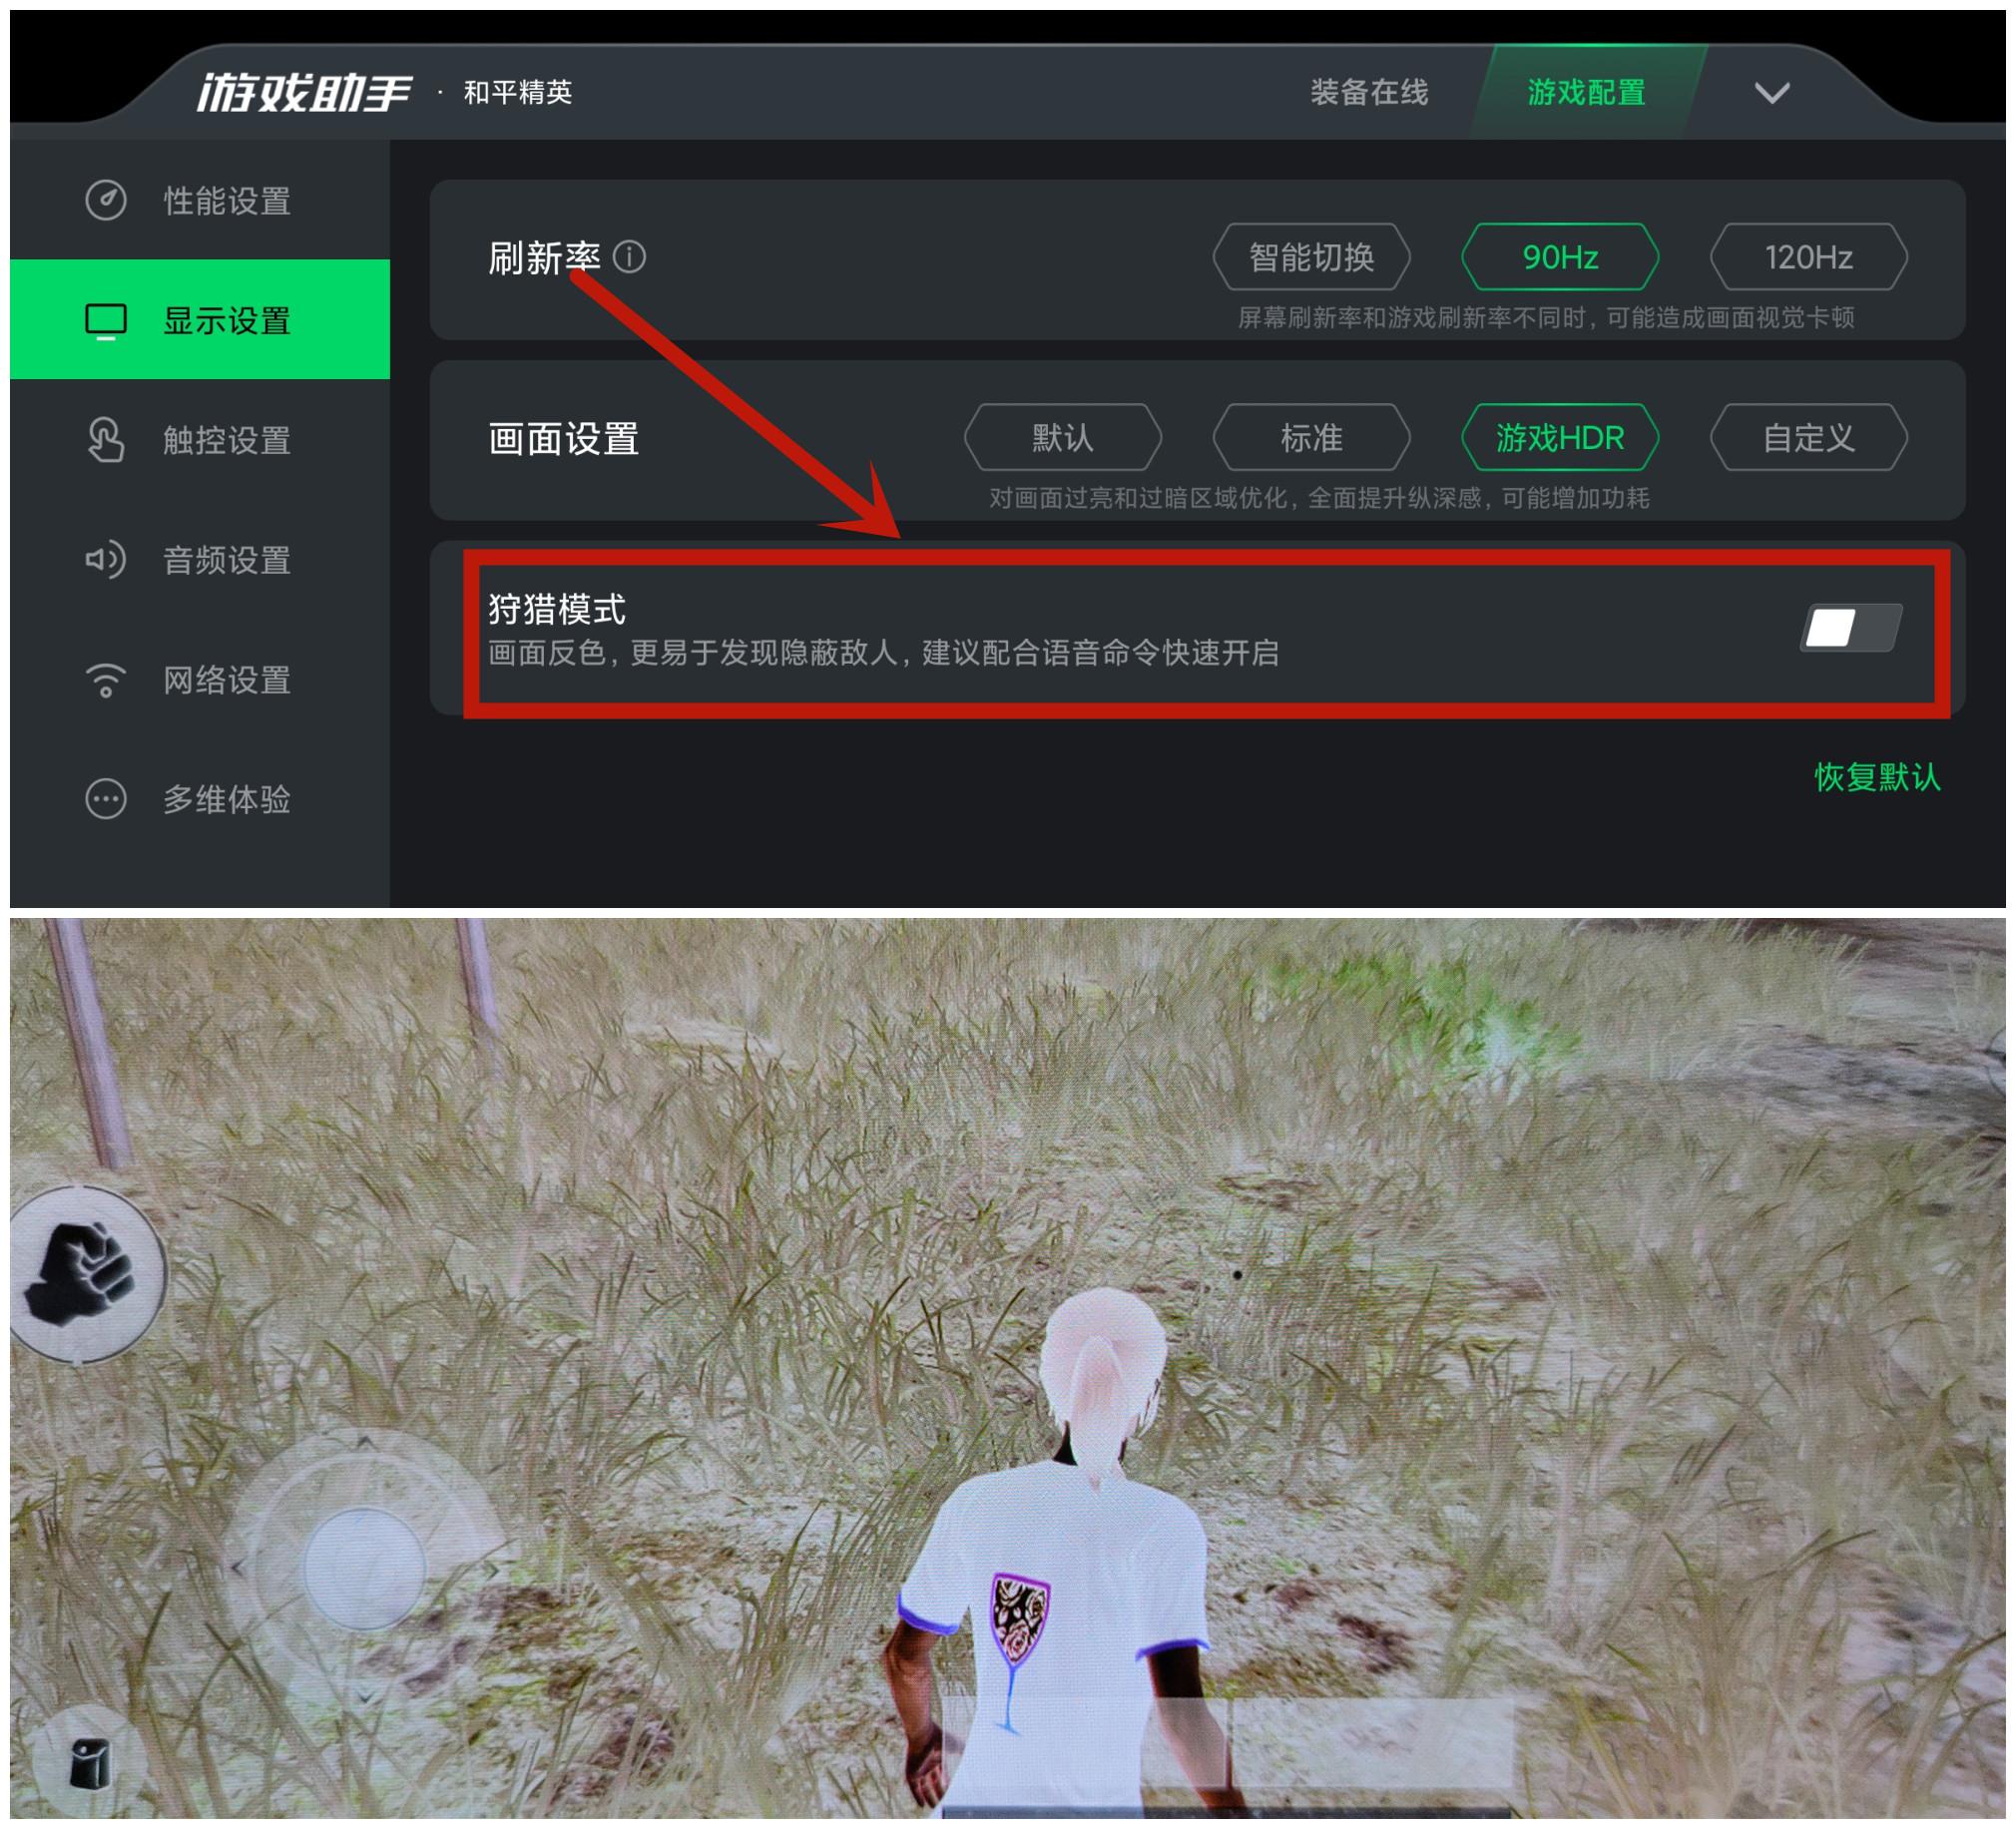 3999元起!腾讯黑鲨3S评测:120Hz满帧游戏机